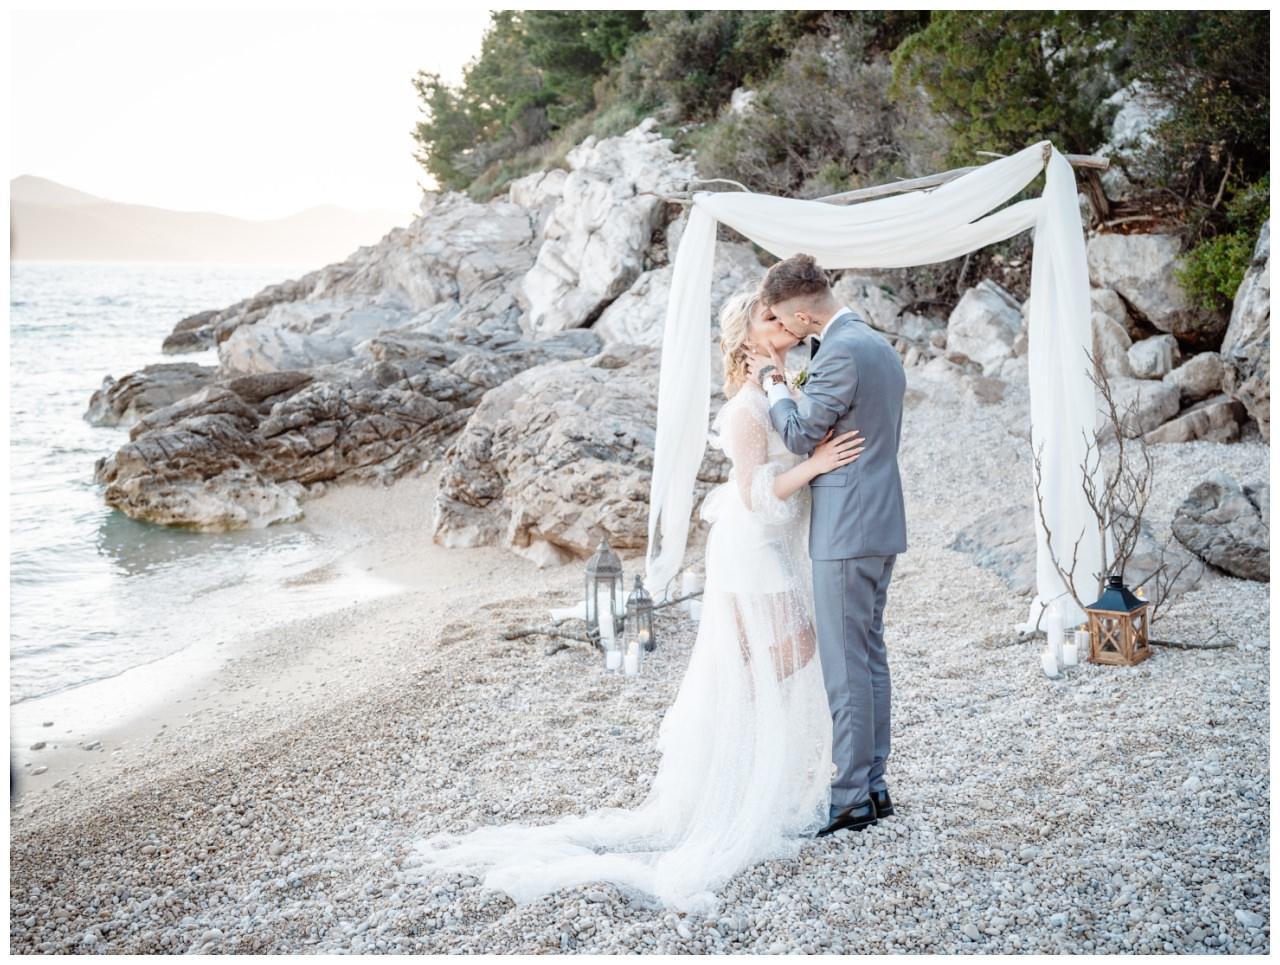 Hochzeit Strand Kroatien Hochzetsplanung Hochzeitsplaner Fotograf 15 - Kleine Hochzeit am Strand